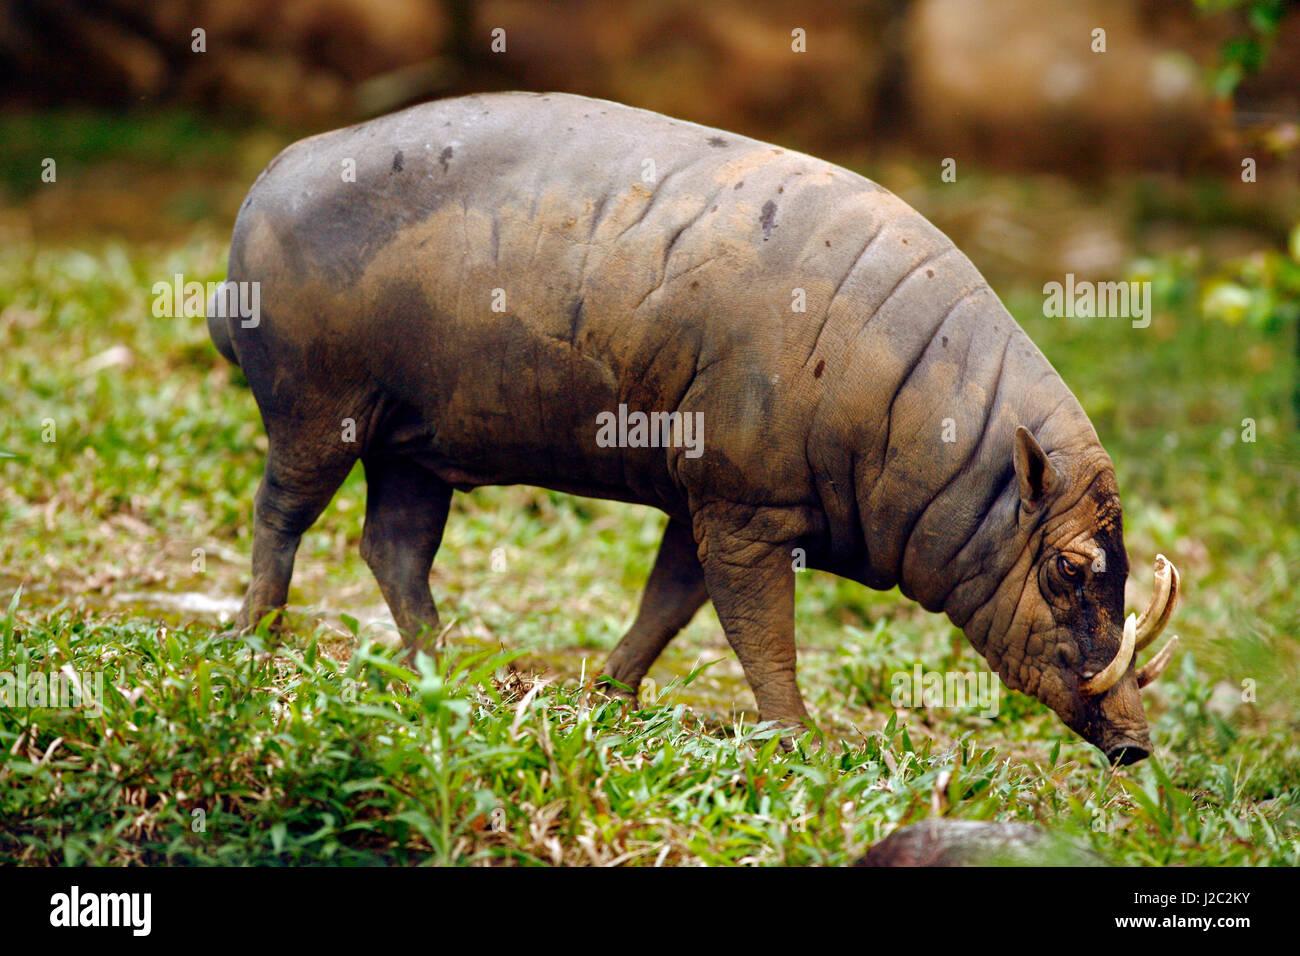 Asia, Indonesia, Sulawesi, Gorontalo. Babirussa wild pig. - Stock Image